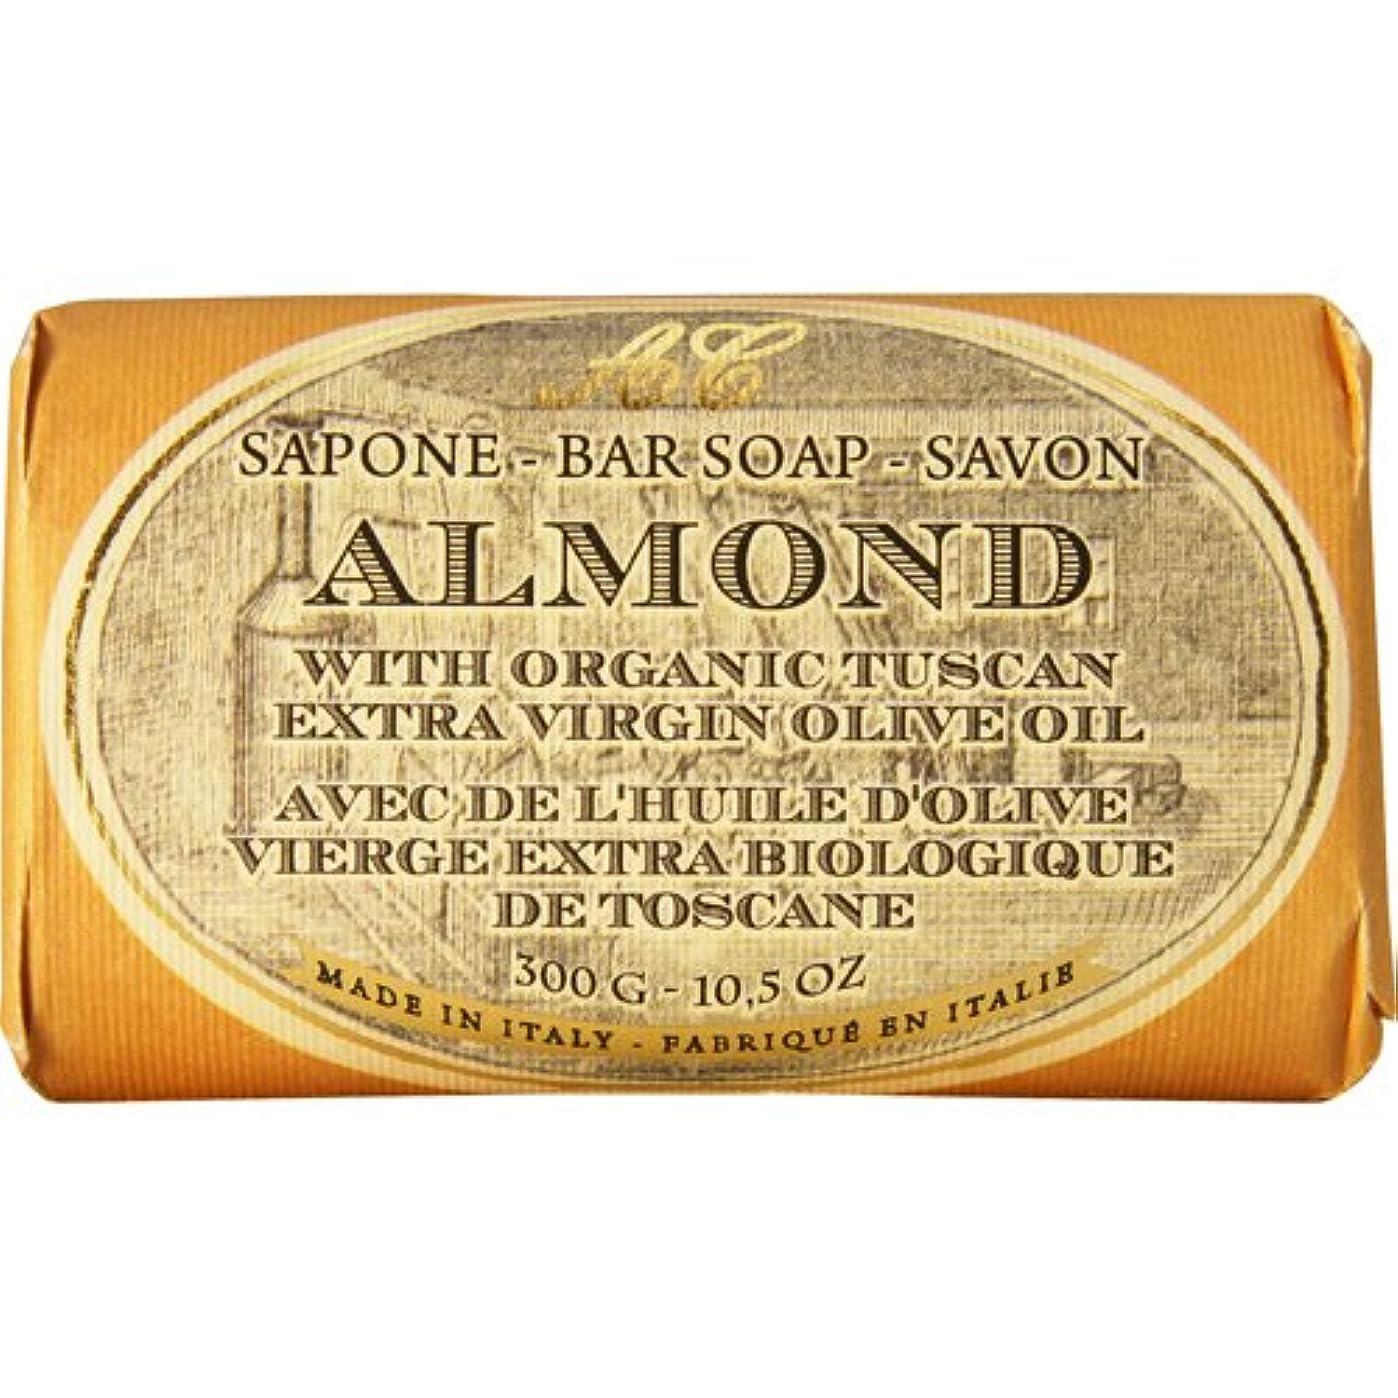 有料マーチャンダイジングただやるSaponerire Fissi レトロシリーズ Bar Soap バーソープ 300g Almond アーモンドオイル